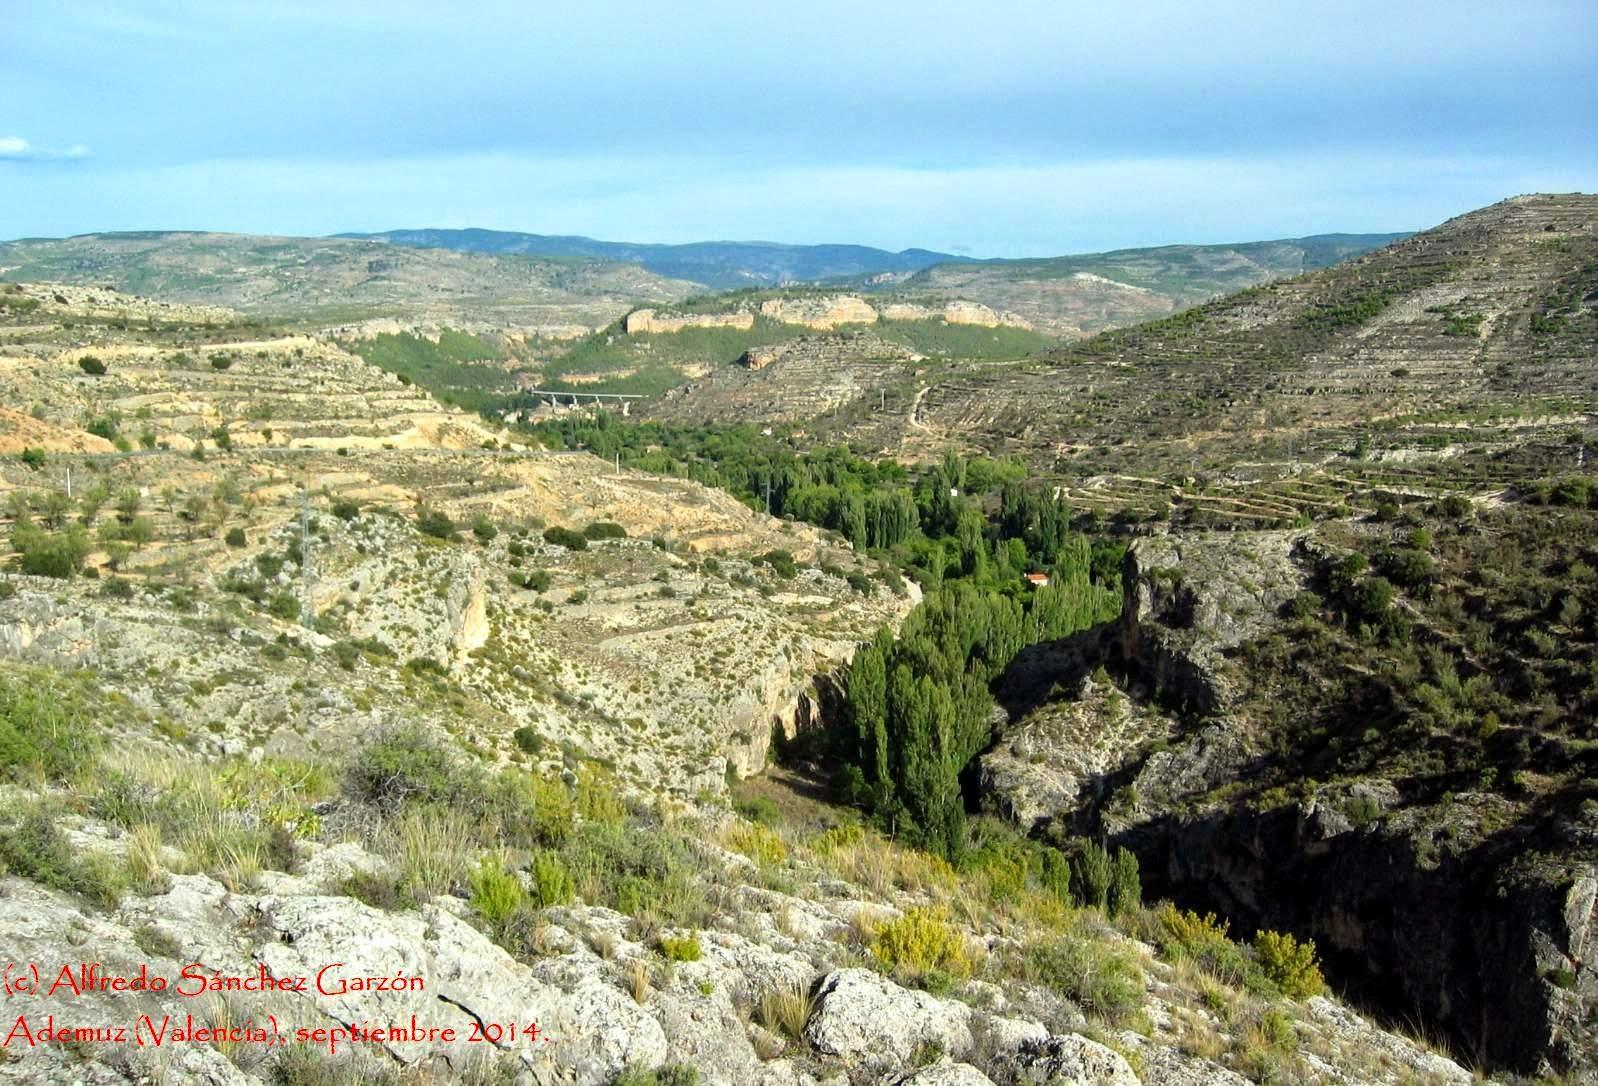 mirador-hoz-ademuz-valencia-boilgues-rio